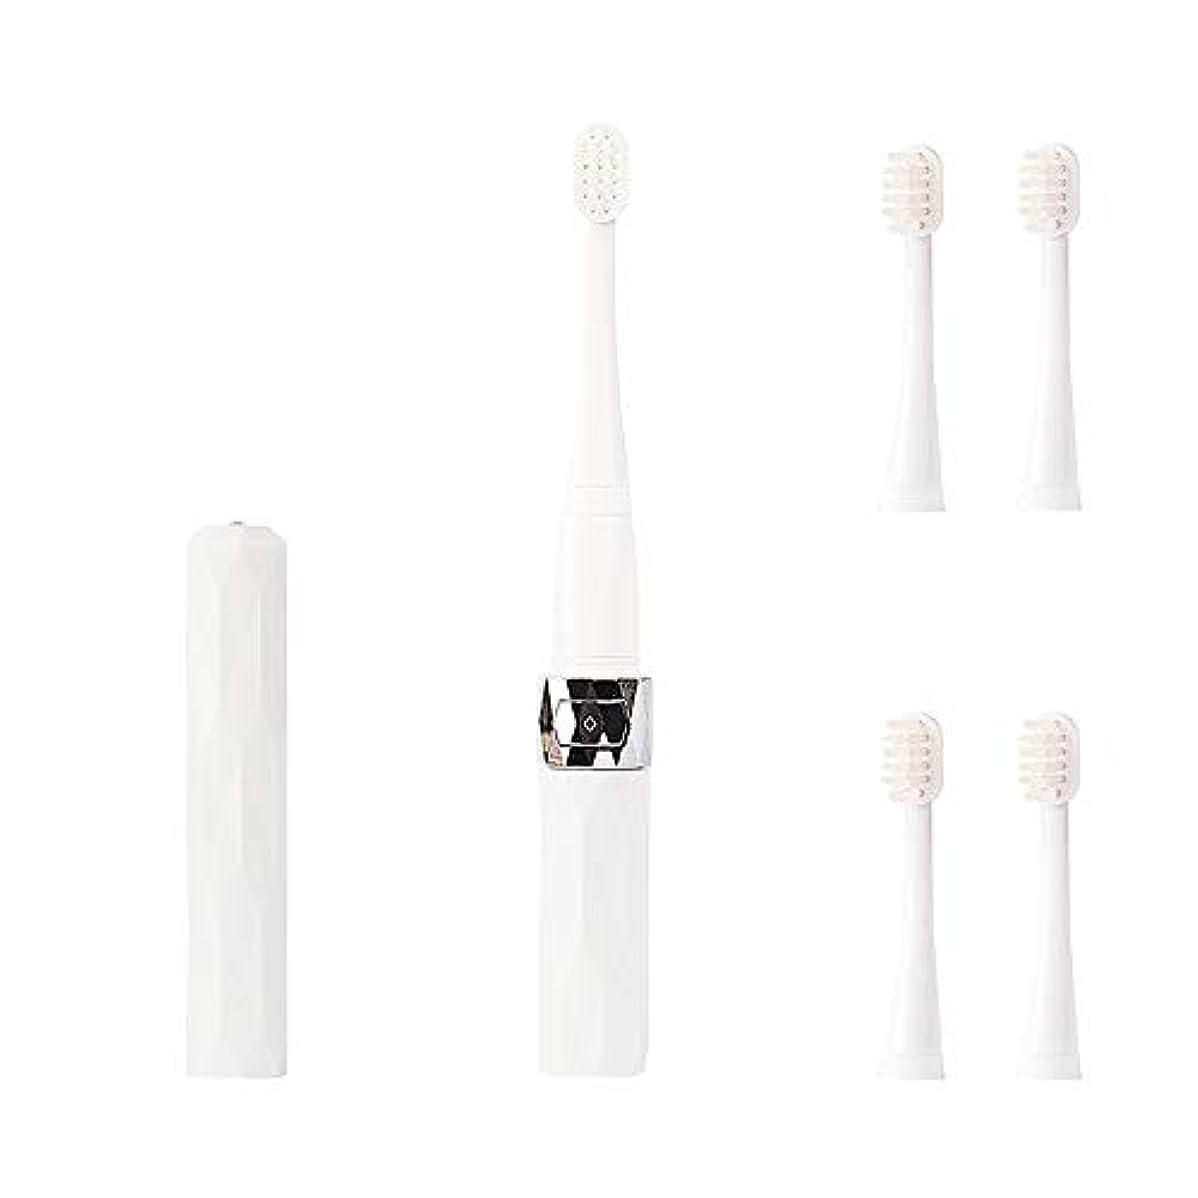 繁栄に渡って愛国的なコリミダ(COLIMIDA) 電動歯ブラシ 子供歯ブラシ 音波振動 スマートソニック 携帯に便利な 防水式 替えブラシ4本 歯ブラシシステマ 極細毛 タイプ ルージュ ホワイト